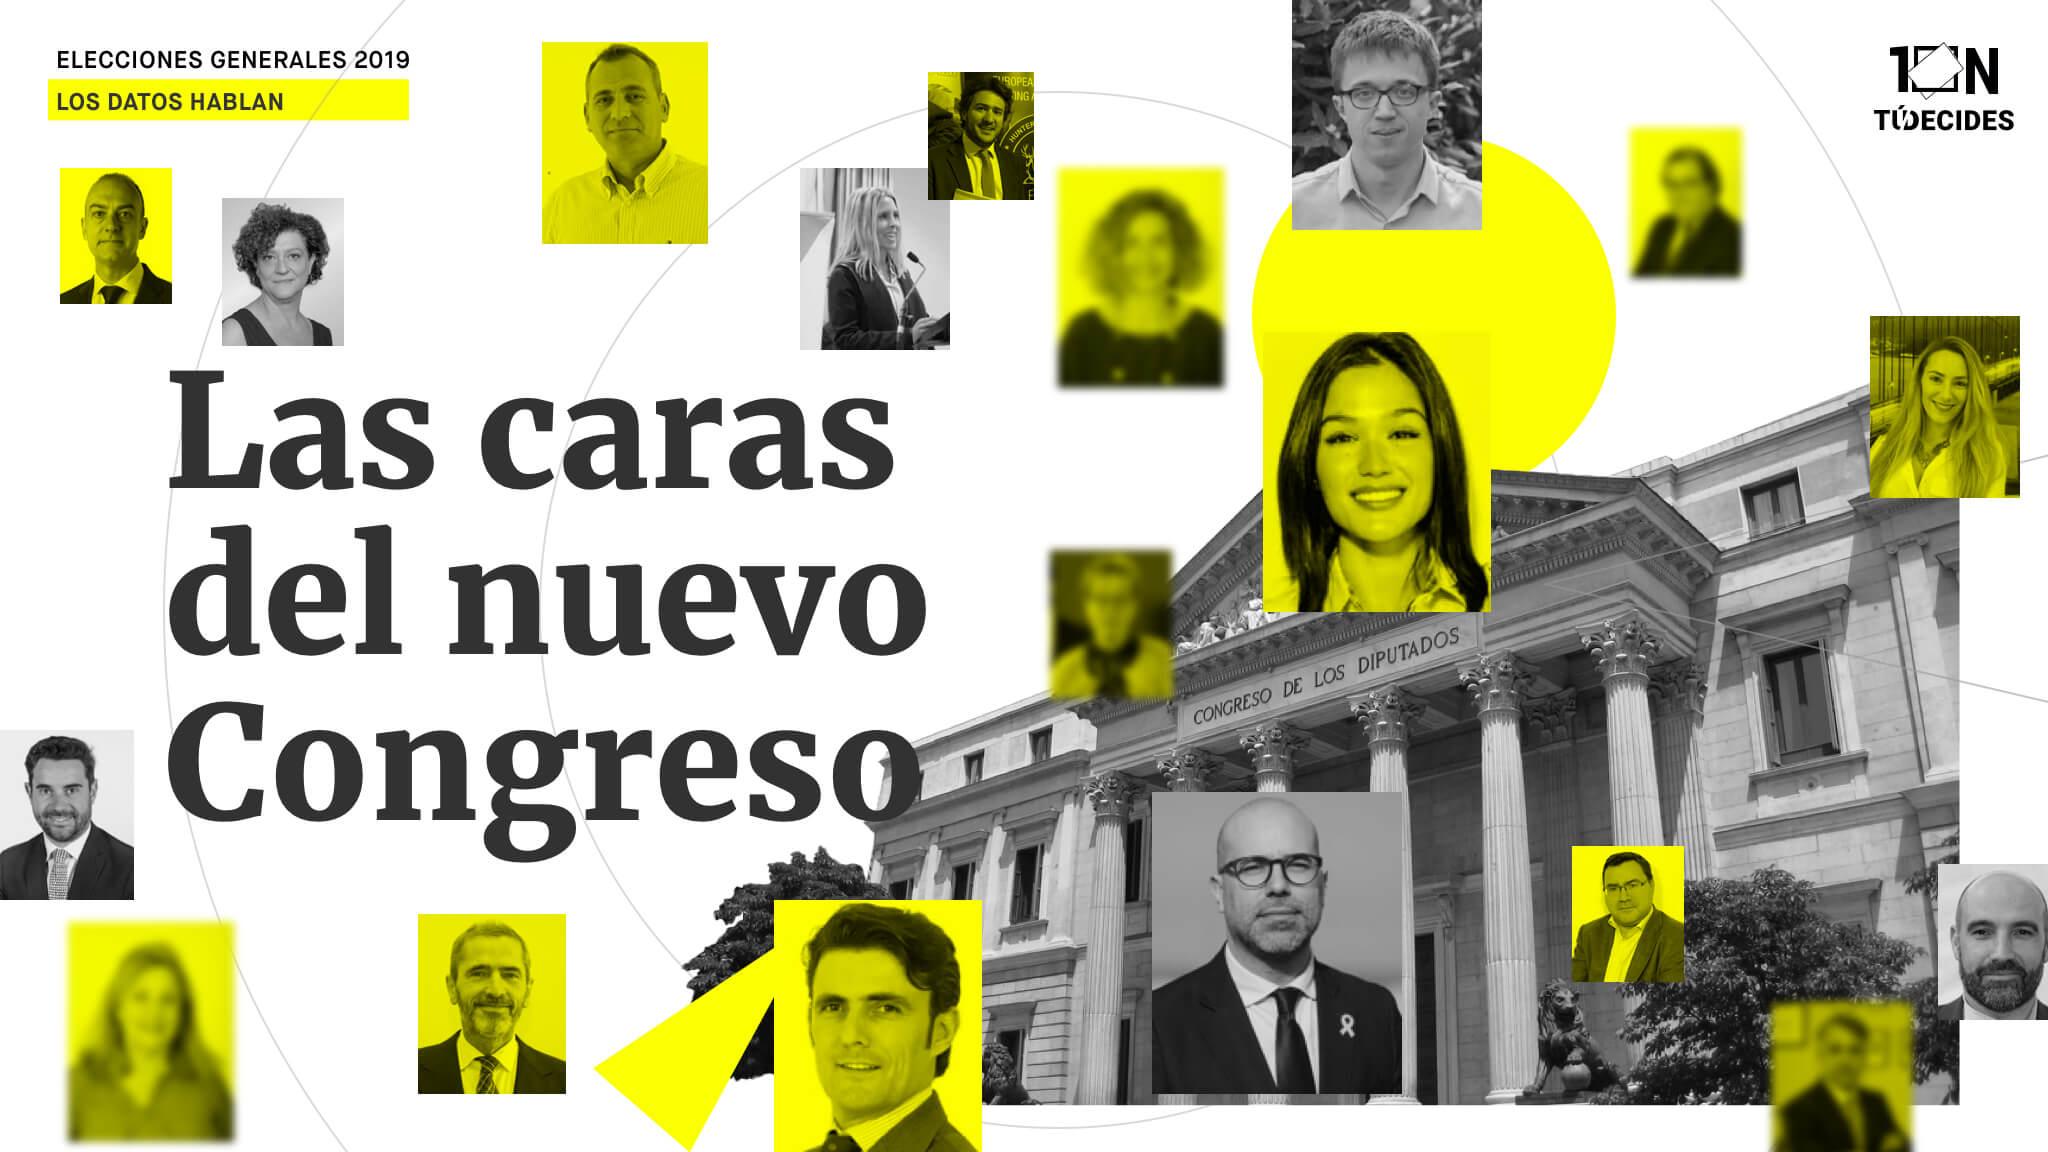 ¿Qué diputados entran en esta legislatura por primera vez?